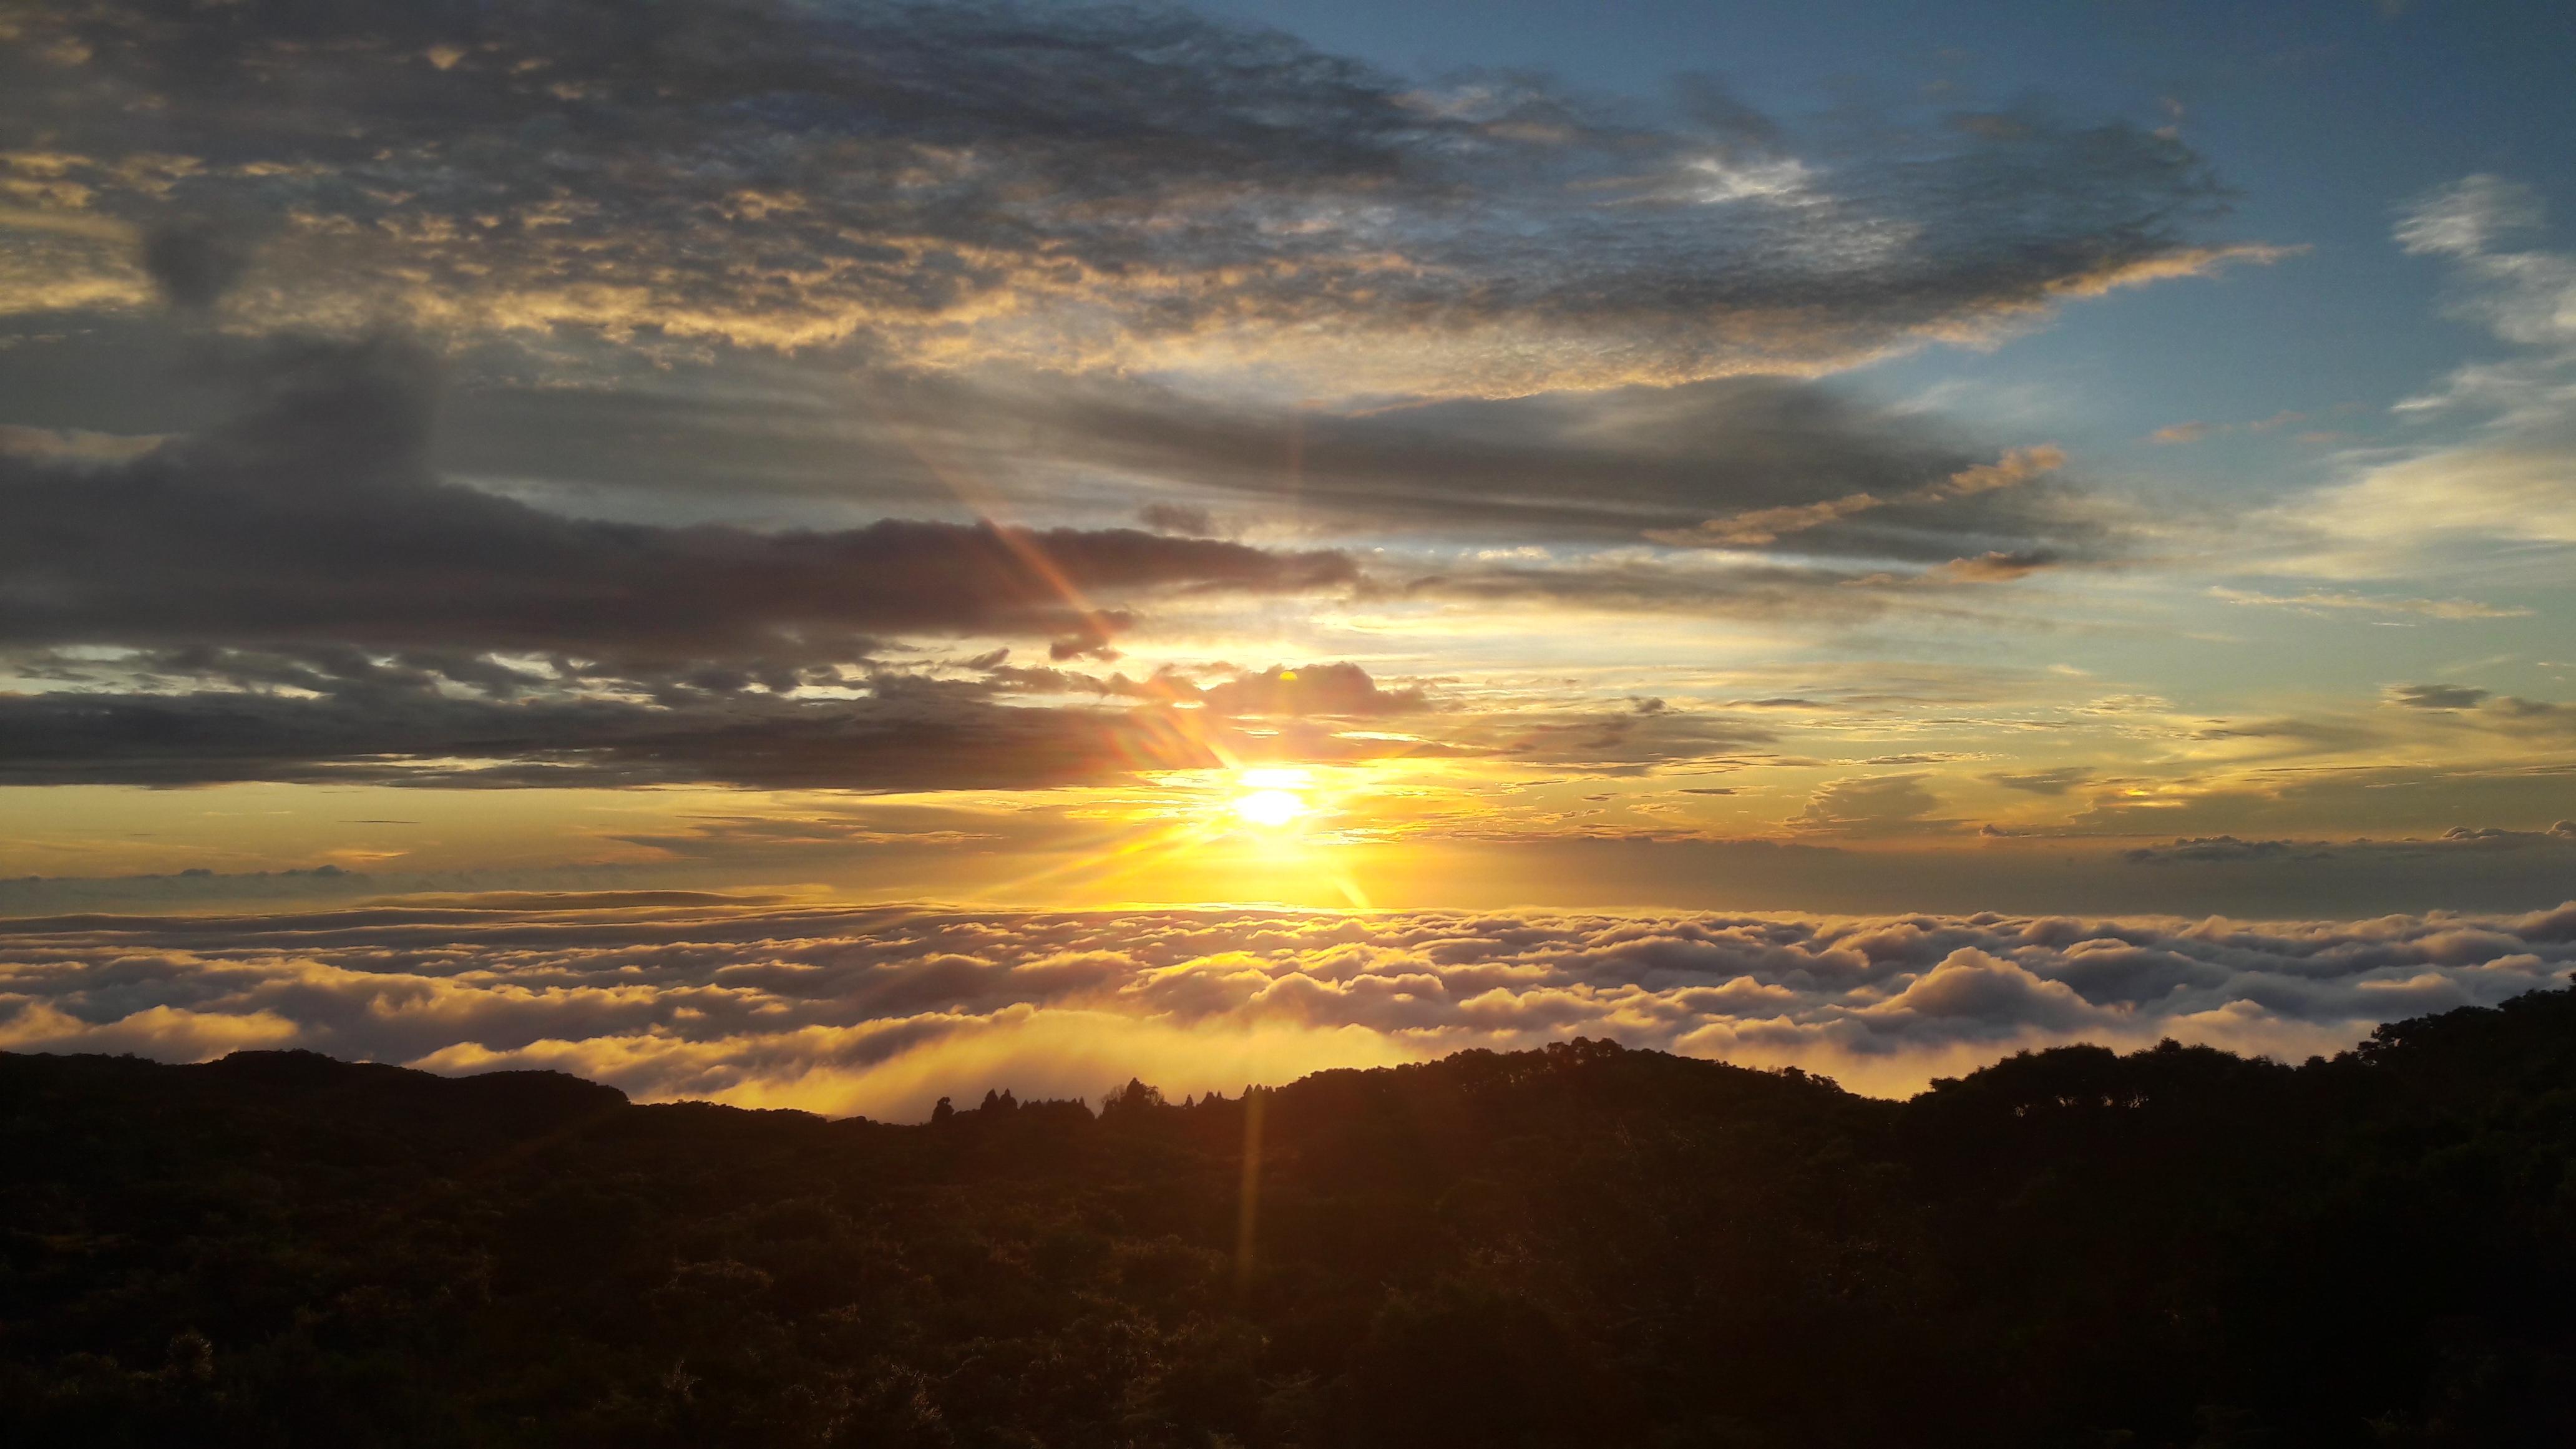 coucher de soleil mafate